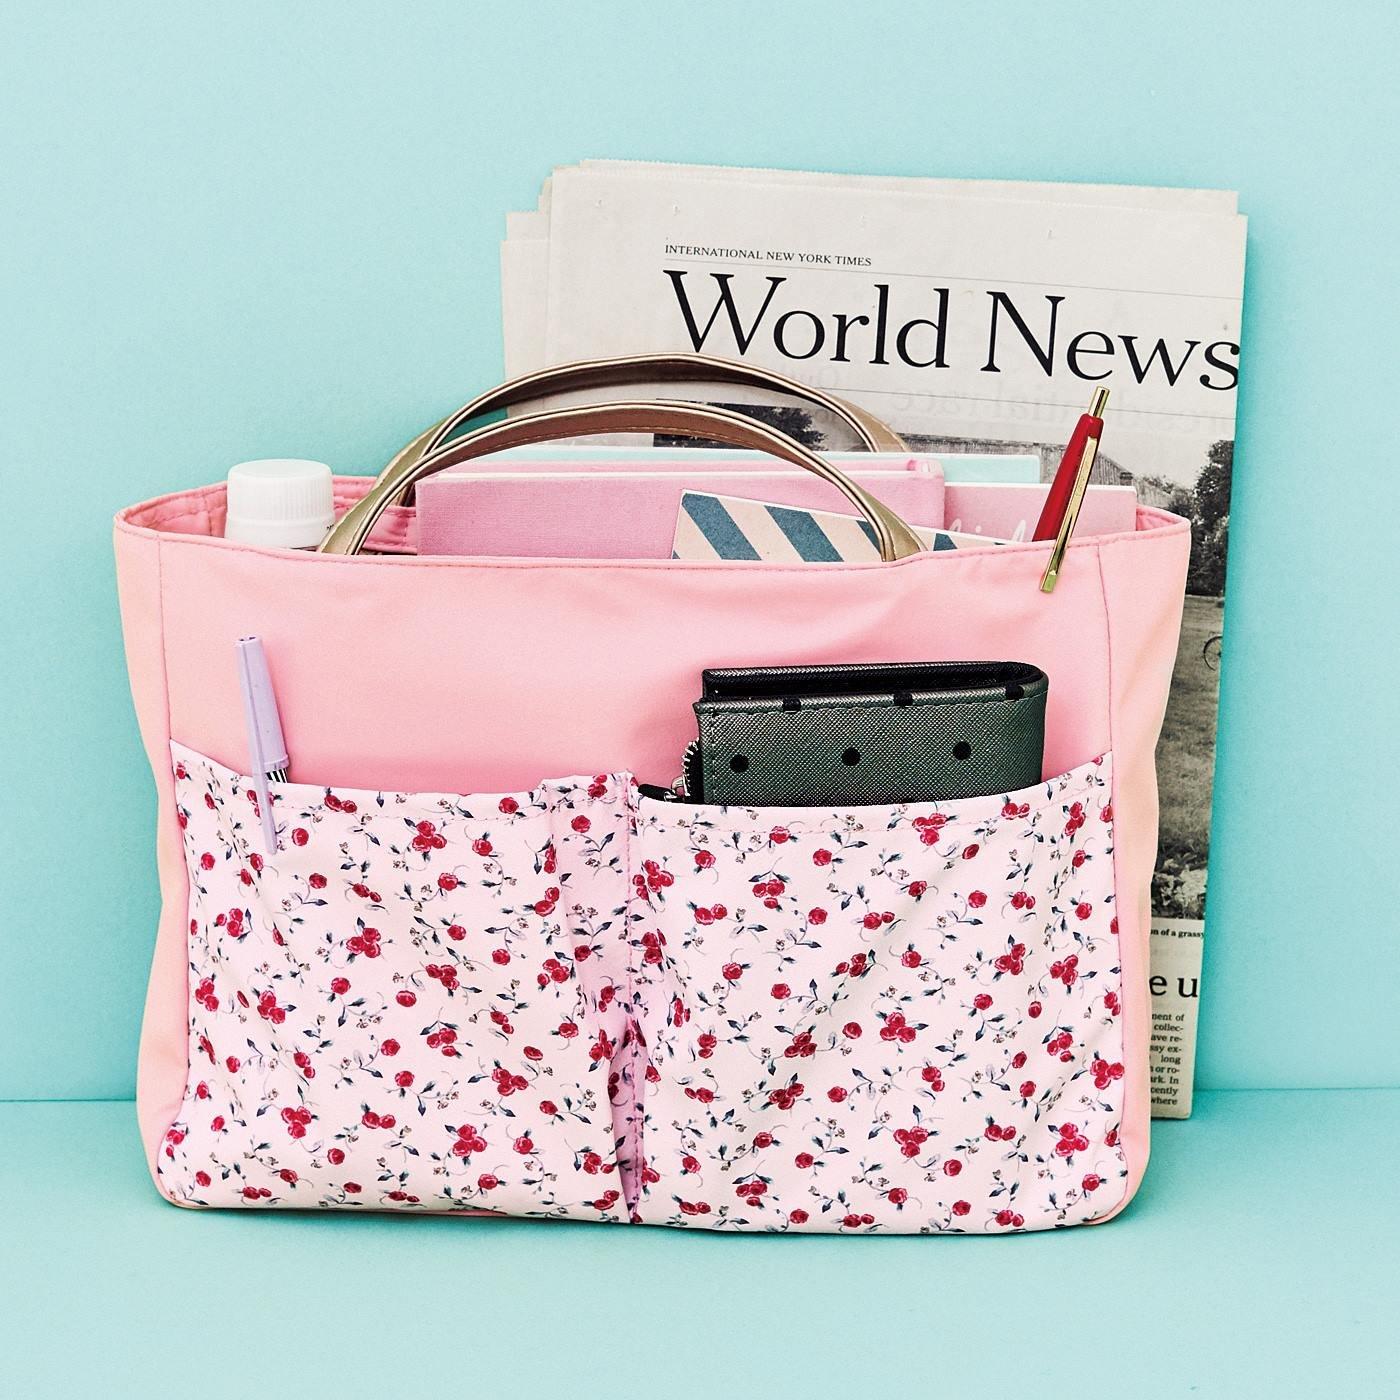 持ち手が伸びてトートバッグに変身! かばんの中を美しく整える インナーバッグ